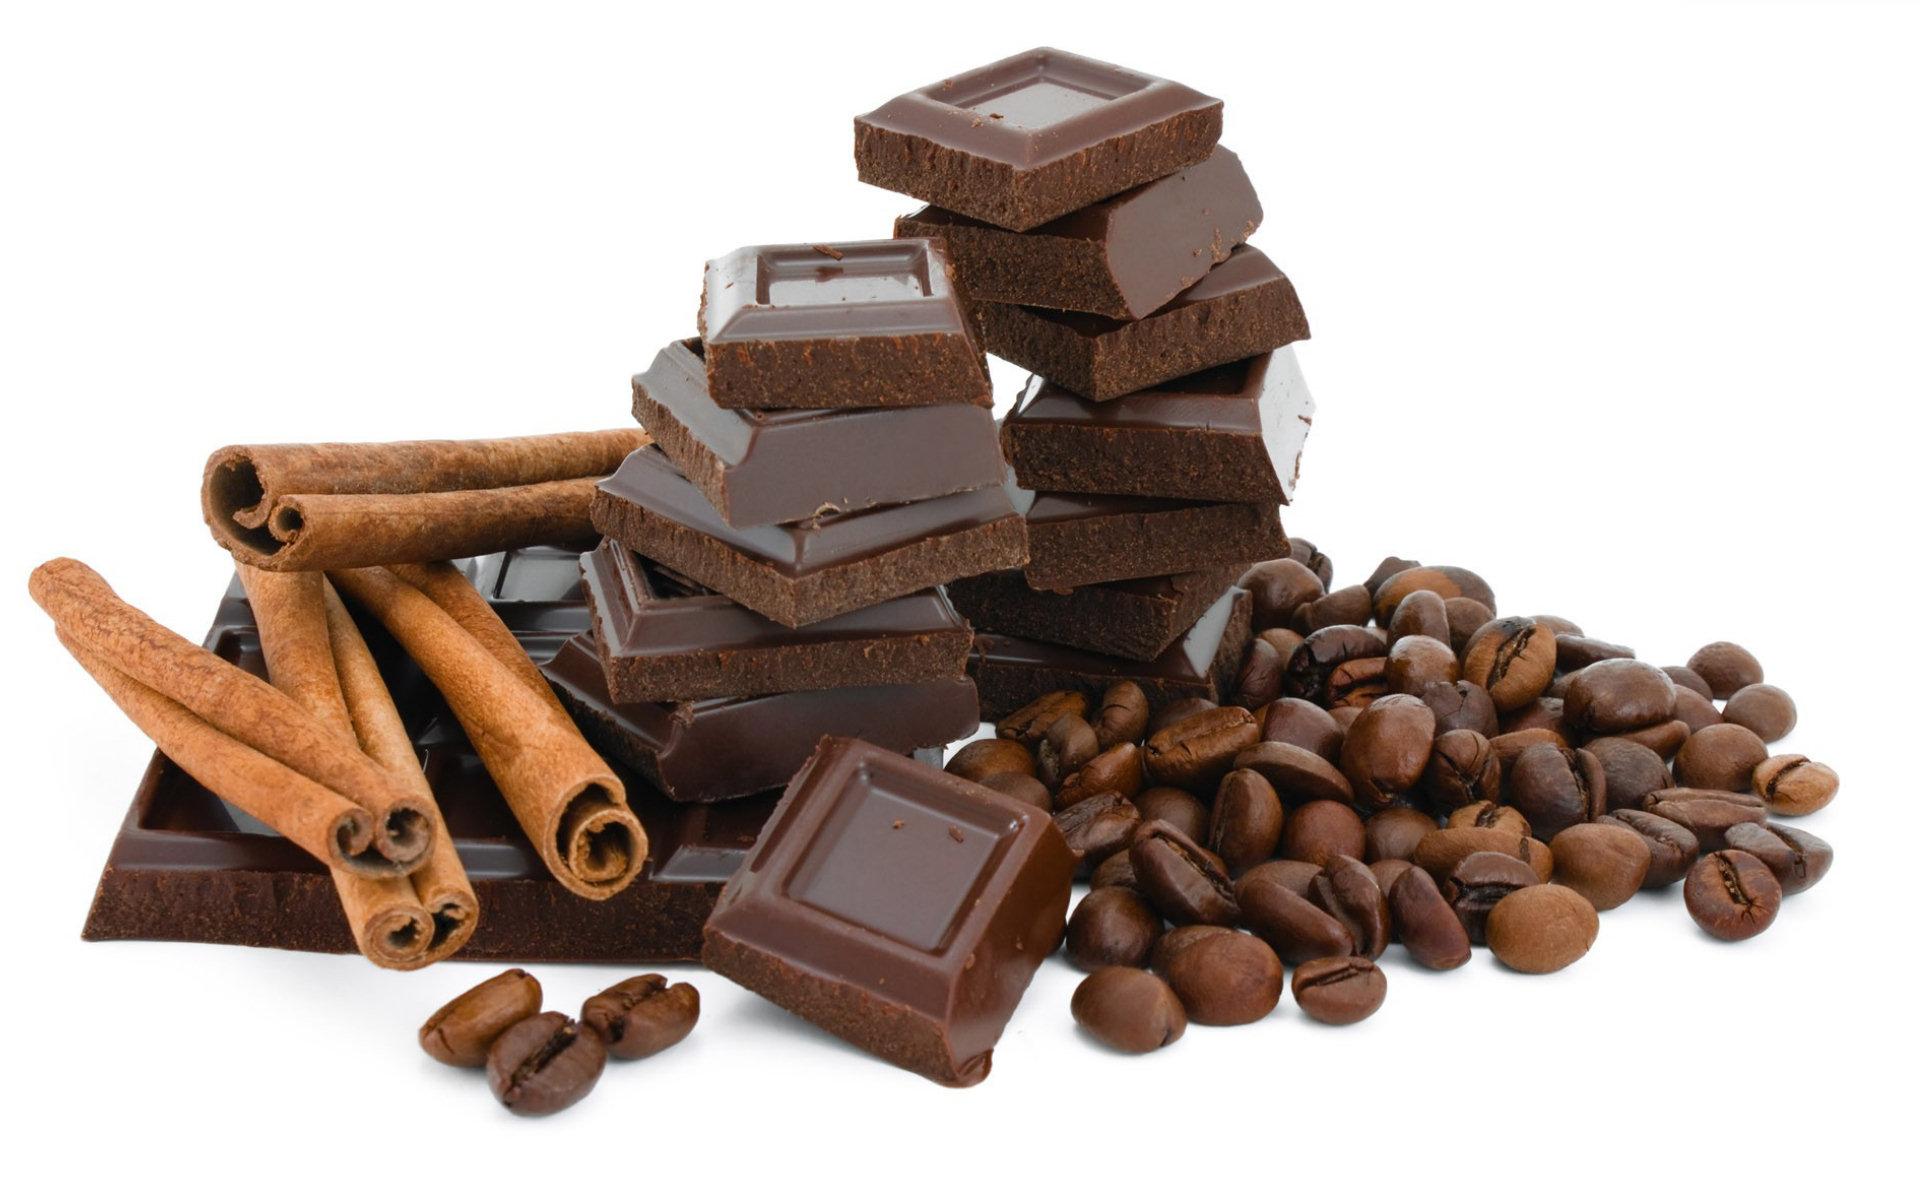 красивые картинки шоколада на белом фоне